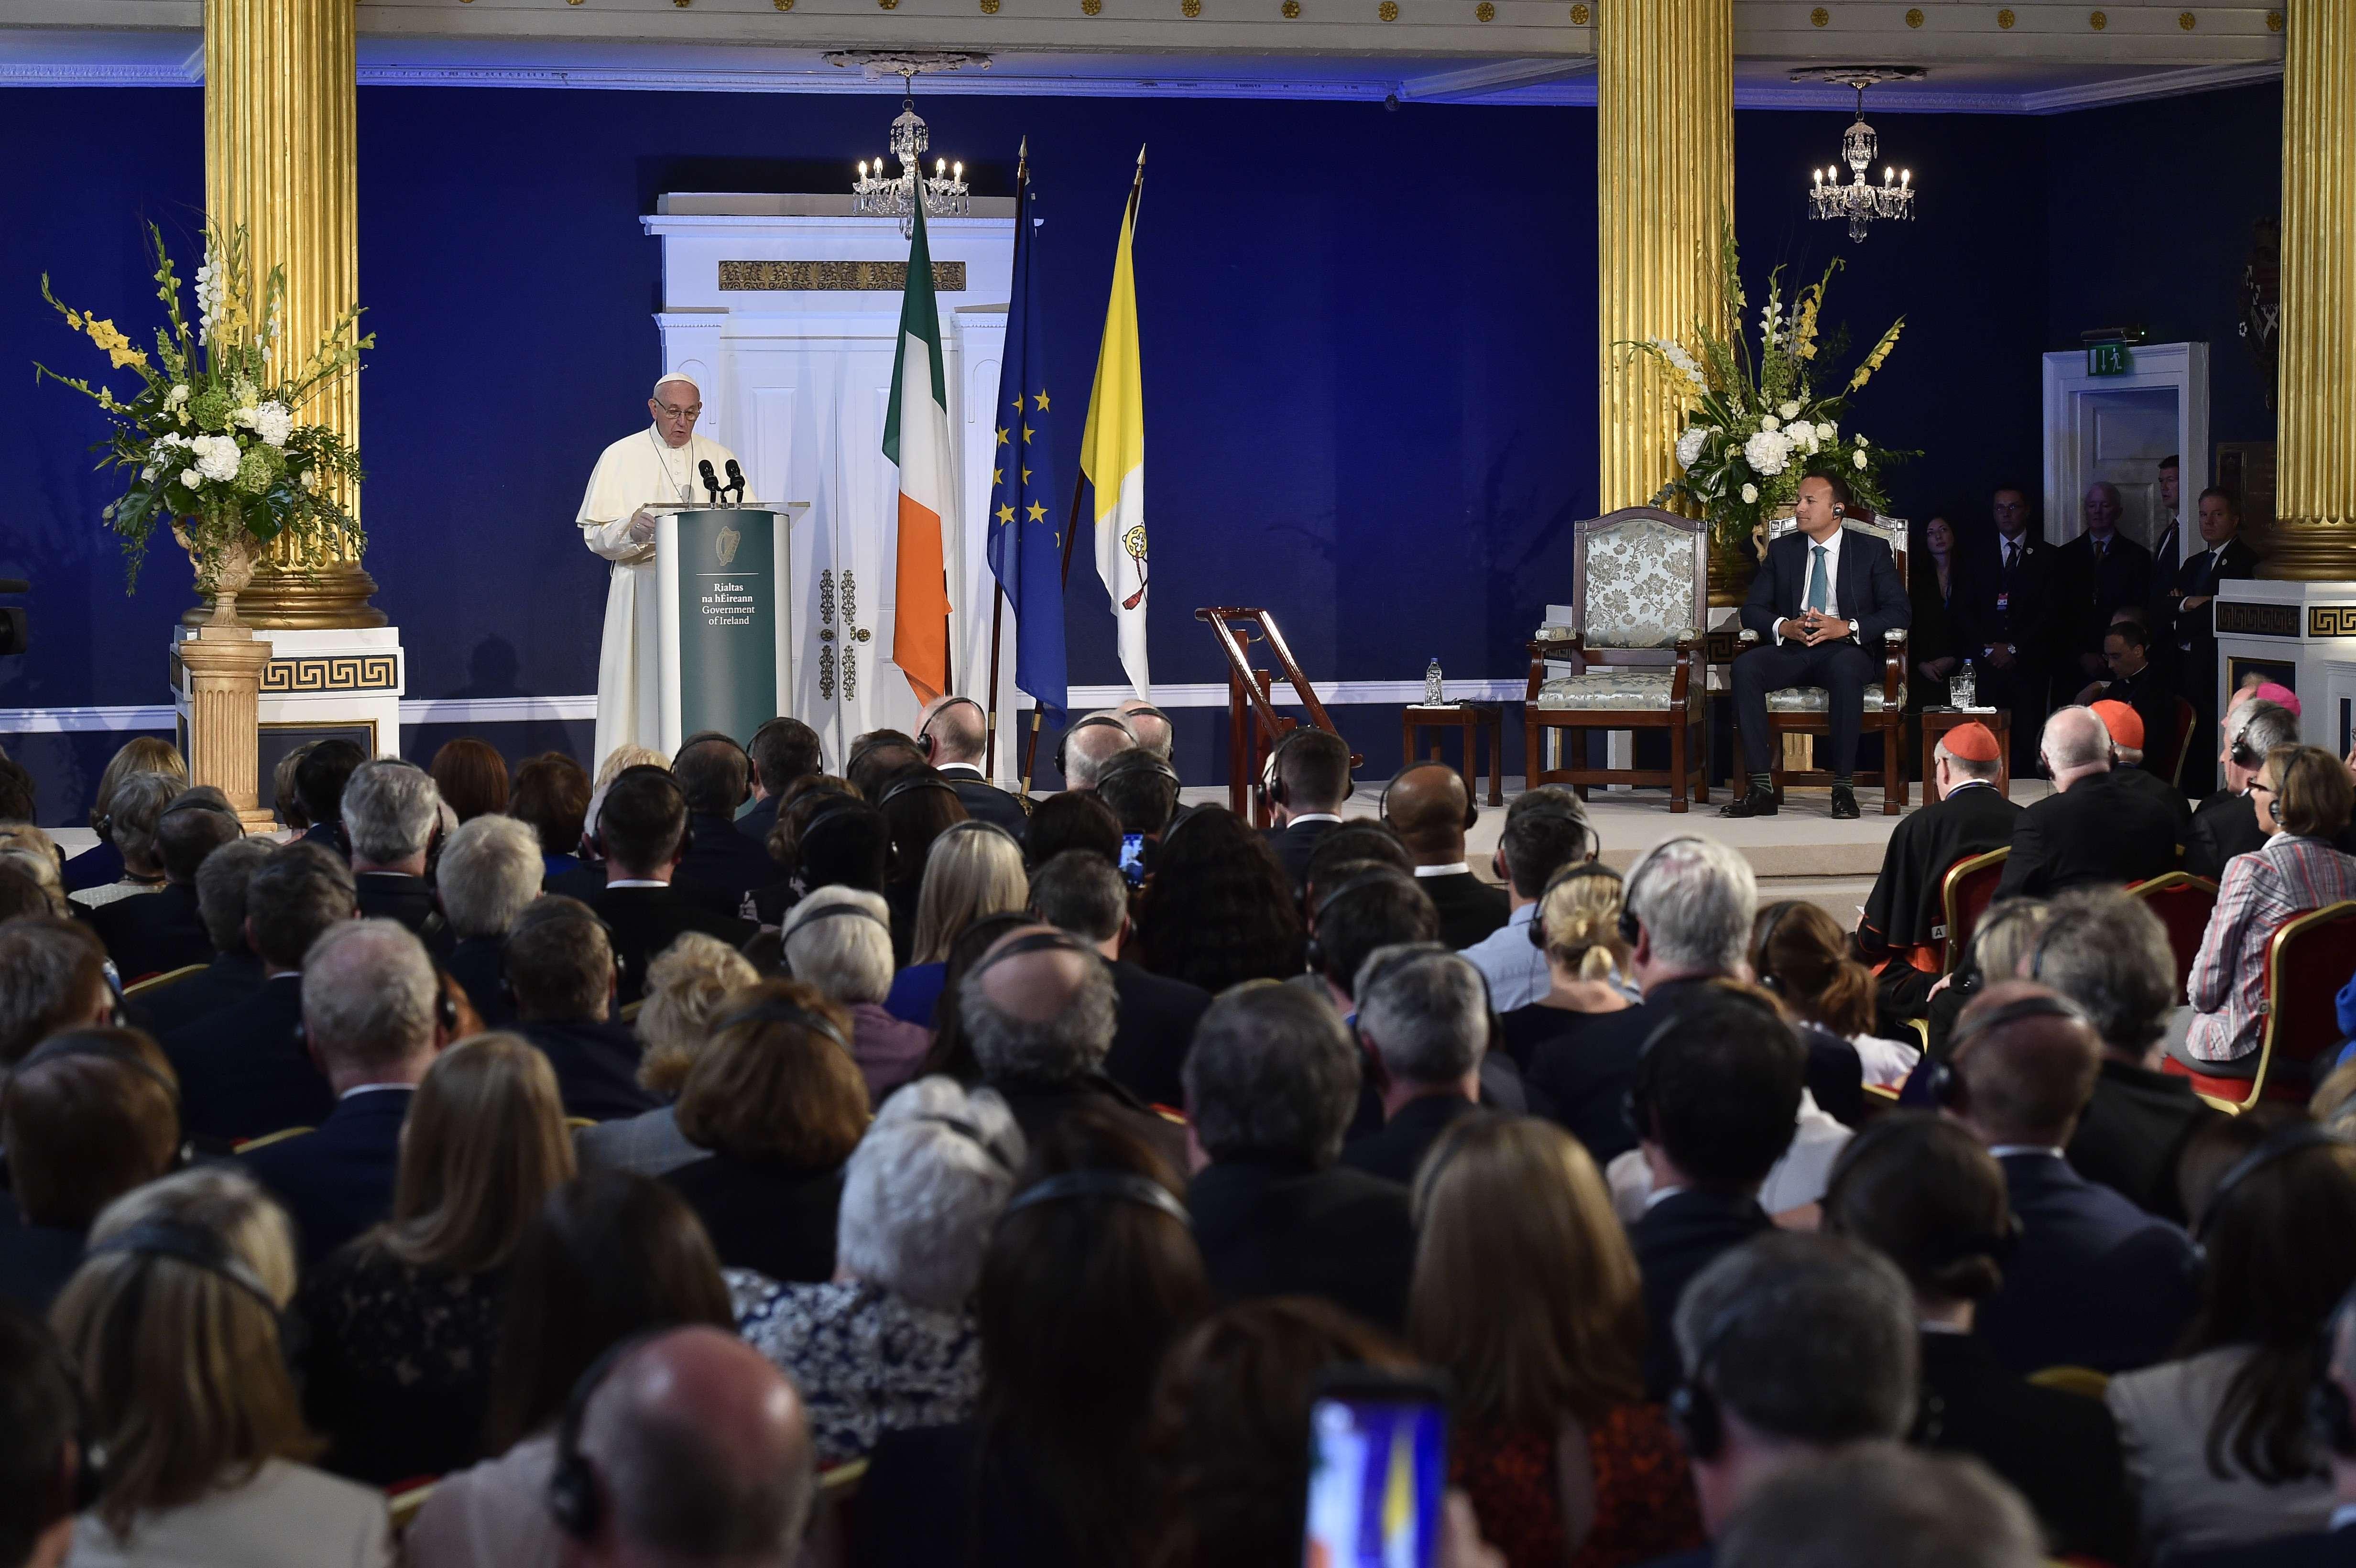 Irlande : devant les autorités, le pape appelle à ne pas oublier « le message chrétien »  0005984